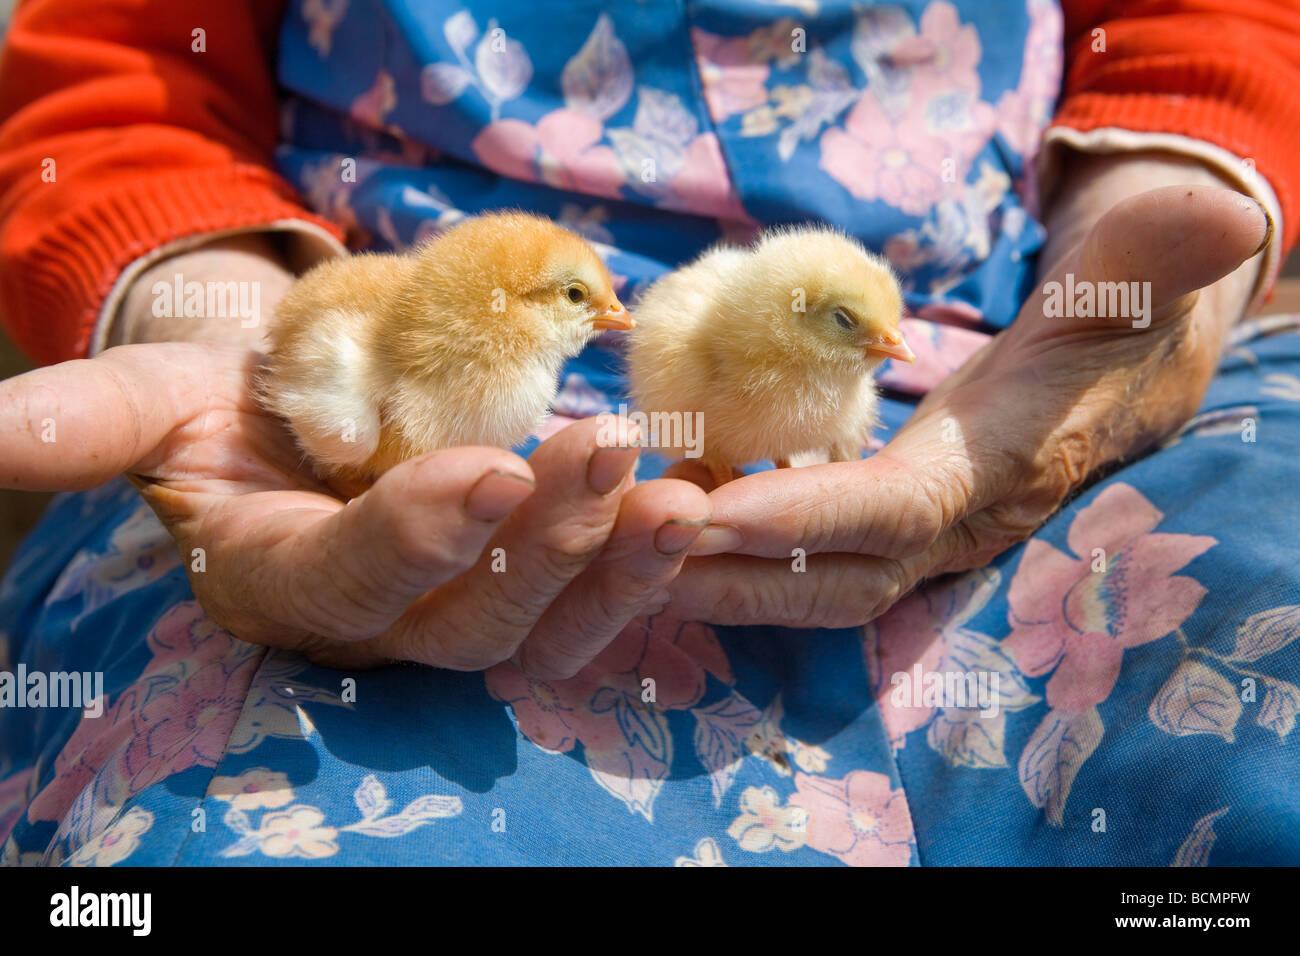 Velha camponesa exploração frango em suas mãos enrugadas Imagens de Stock